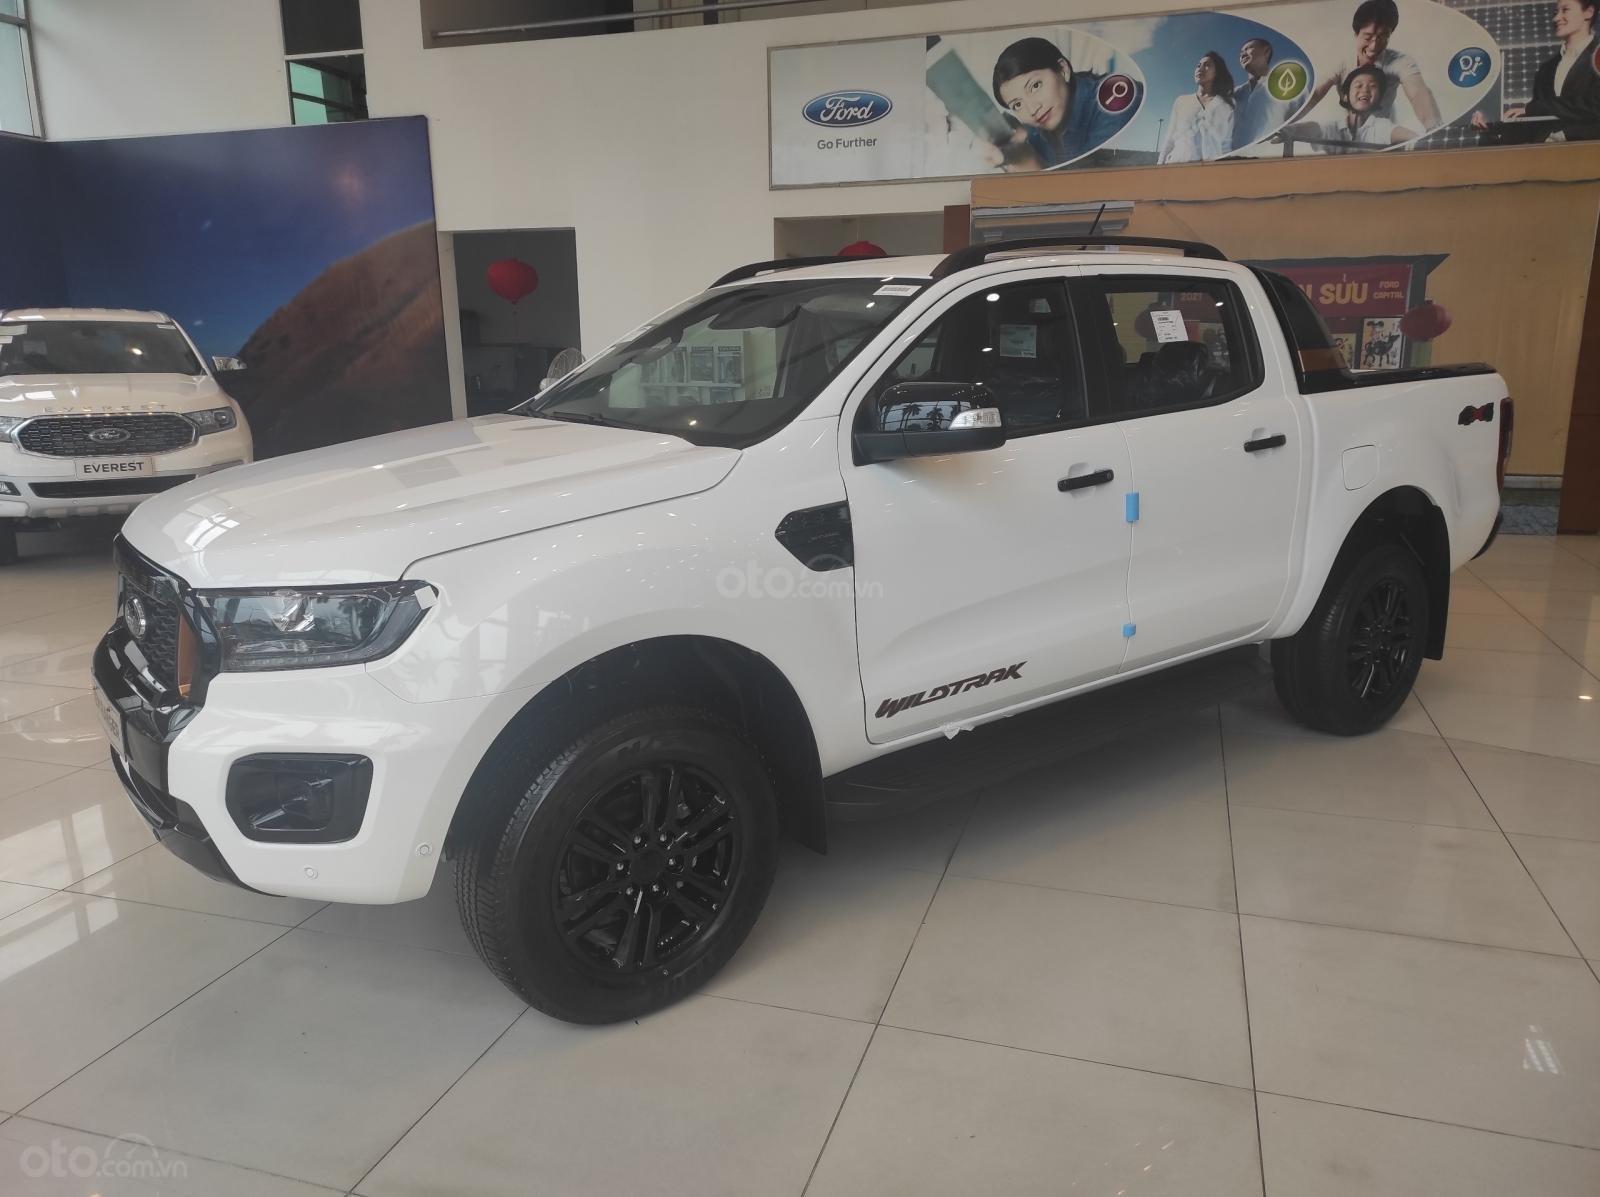 Ford Ranger 2021 giá tốt nhất khu vực miền Bắc, tặng phụ kiện, giảm tiền mặt trực tiếp, đủ màu giao ngay (5)